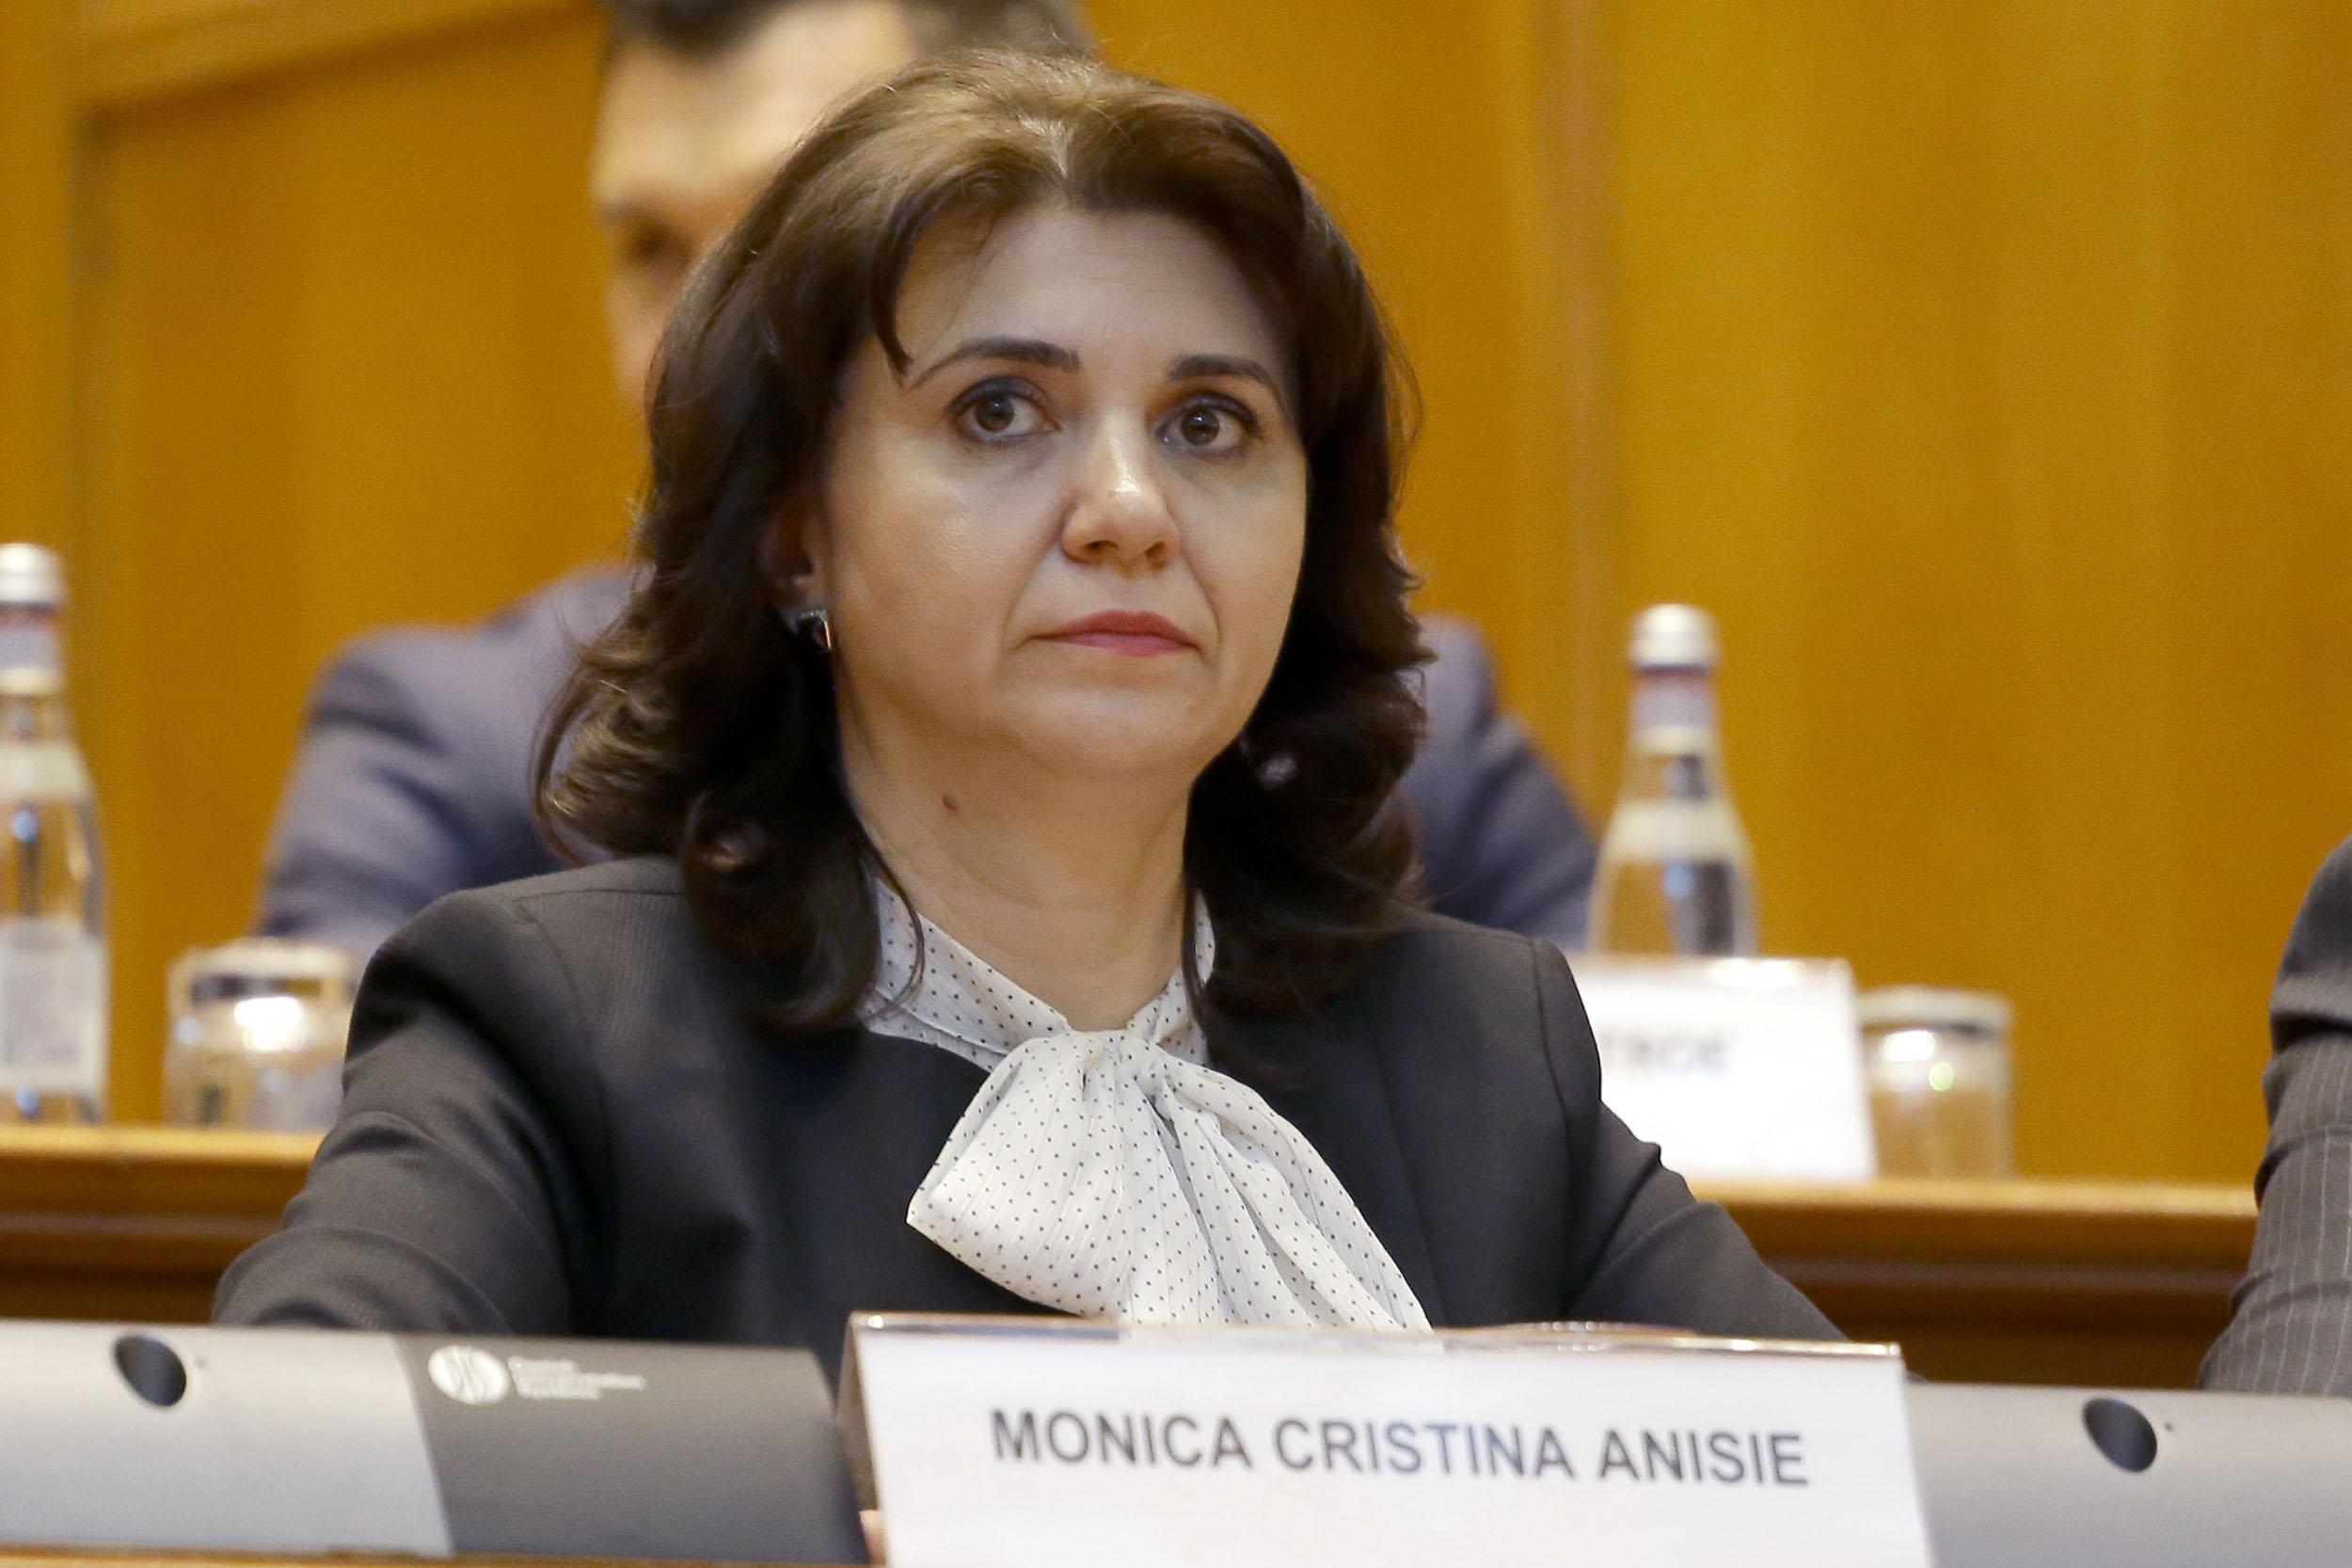 Școala românească se schimbă din temelii! Decizia de ultima oră afectează tot învățământul